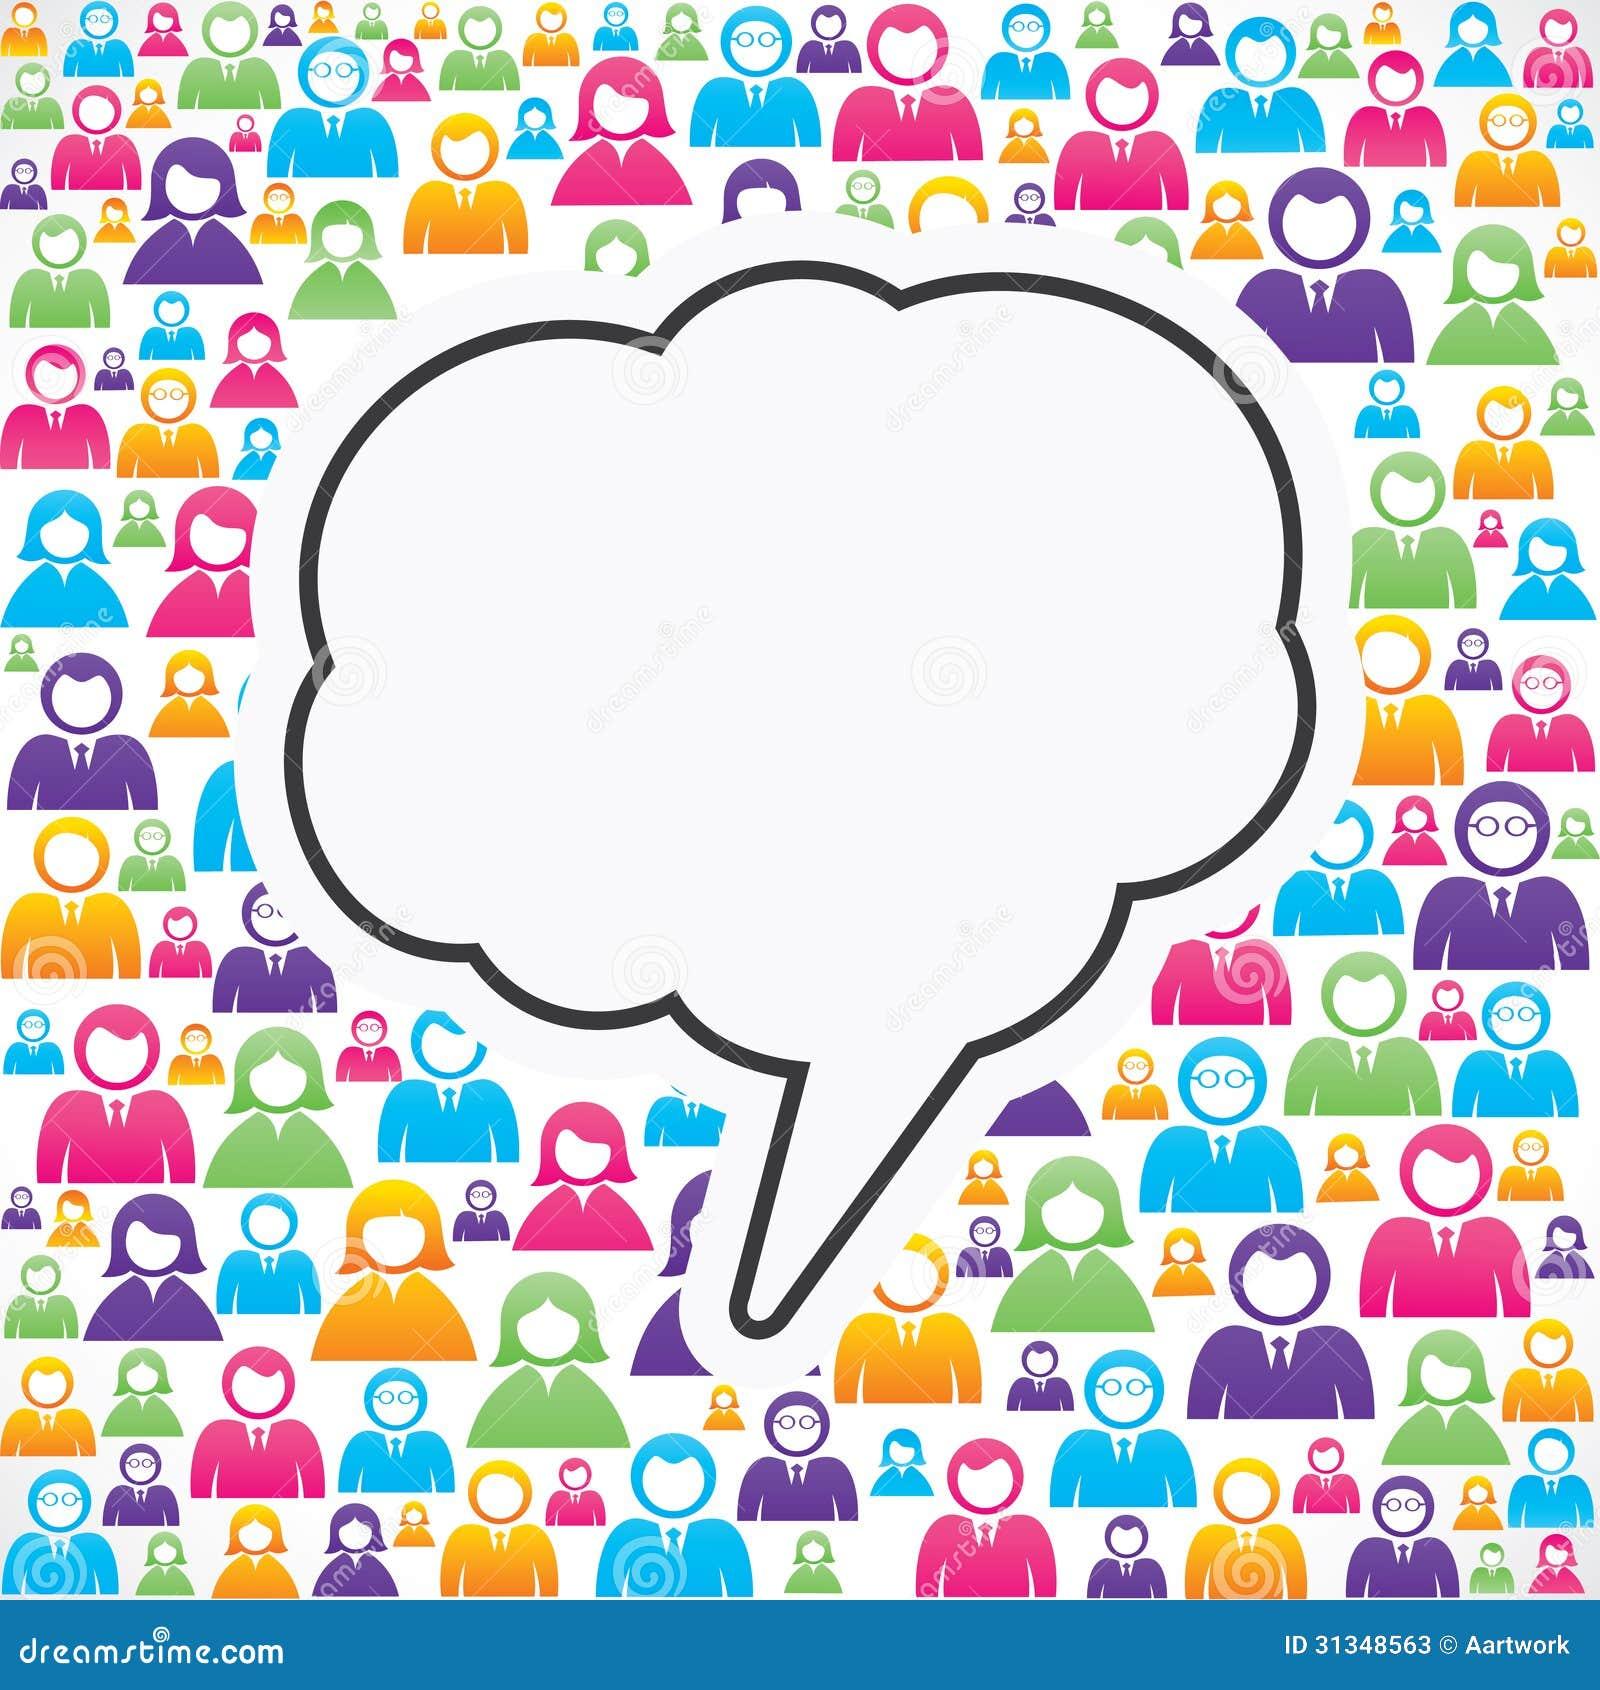 Пузырь сообщения с в группой людей